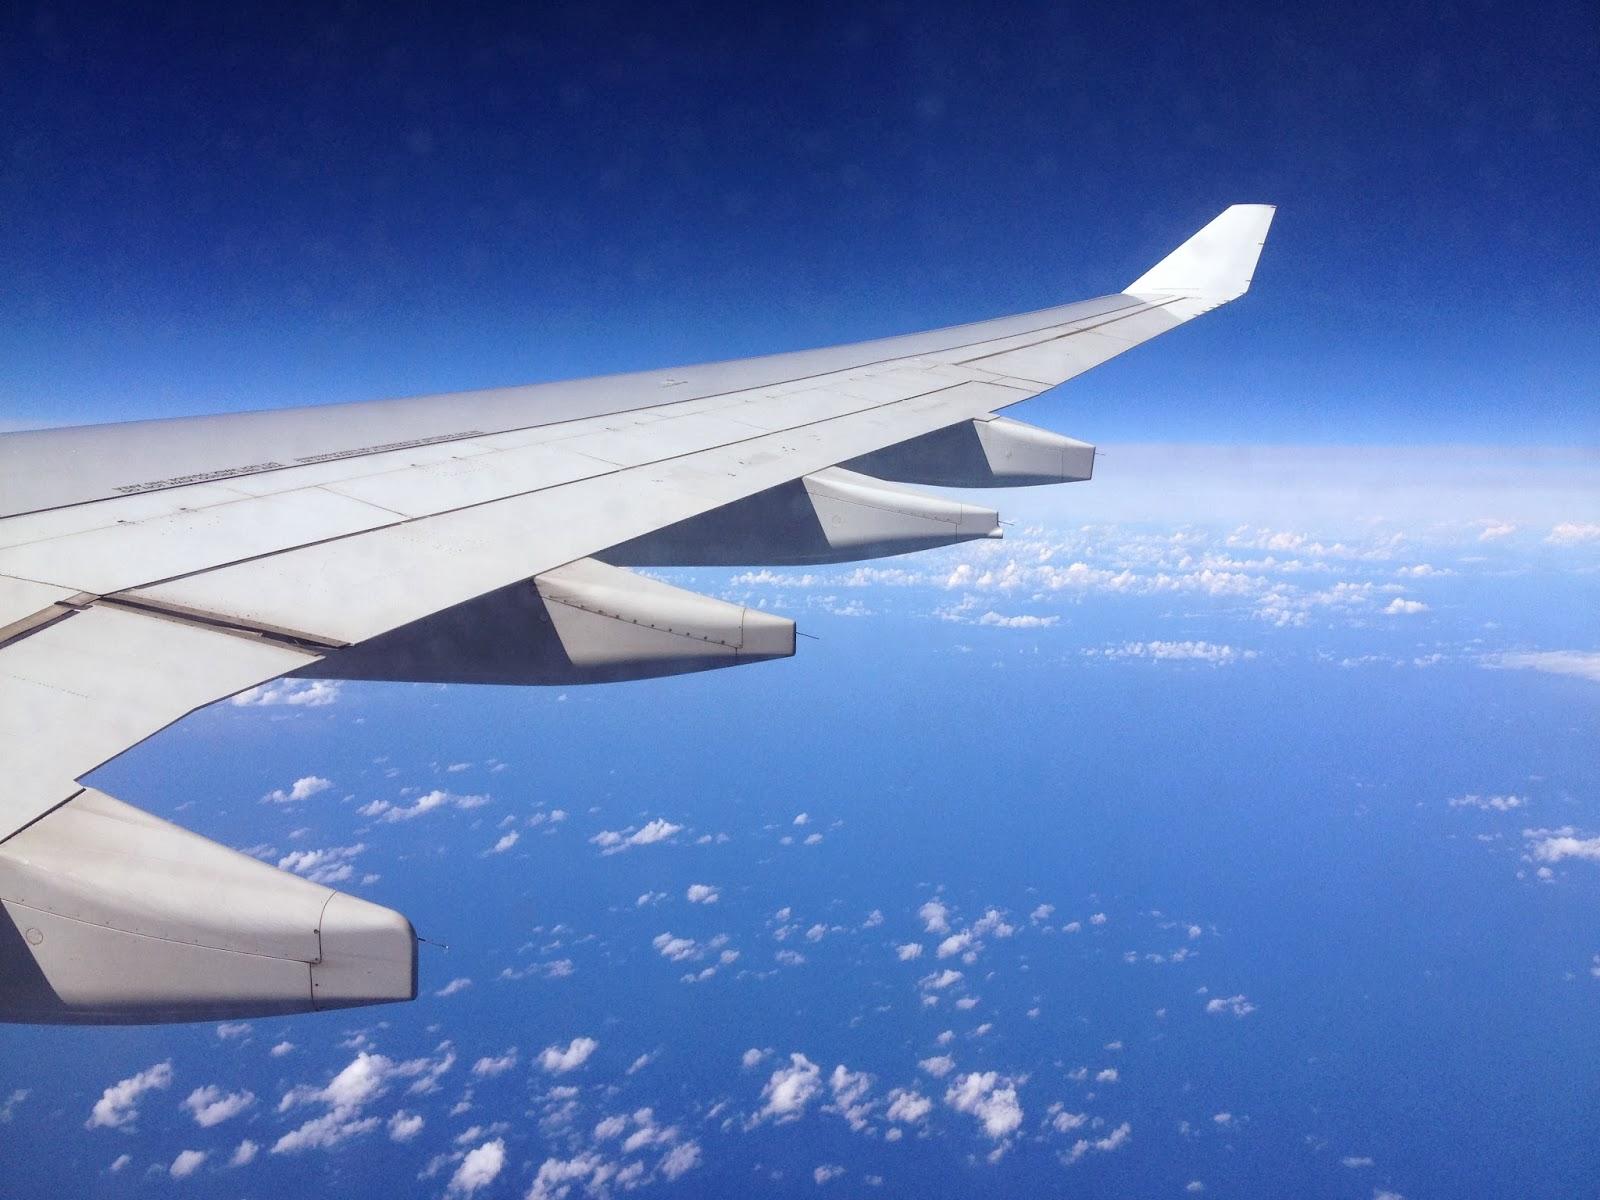 Dianamiaus Sobrevolando el Océano Atlántico